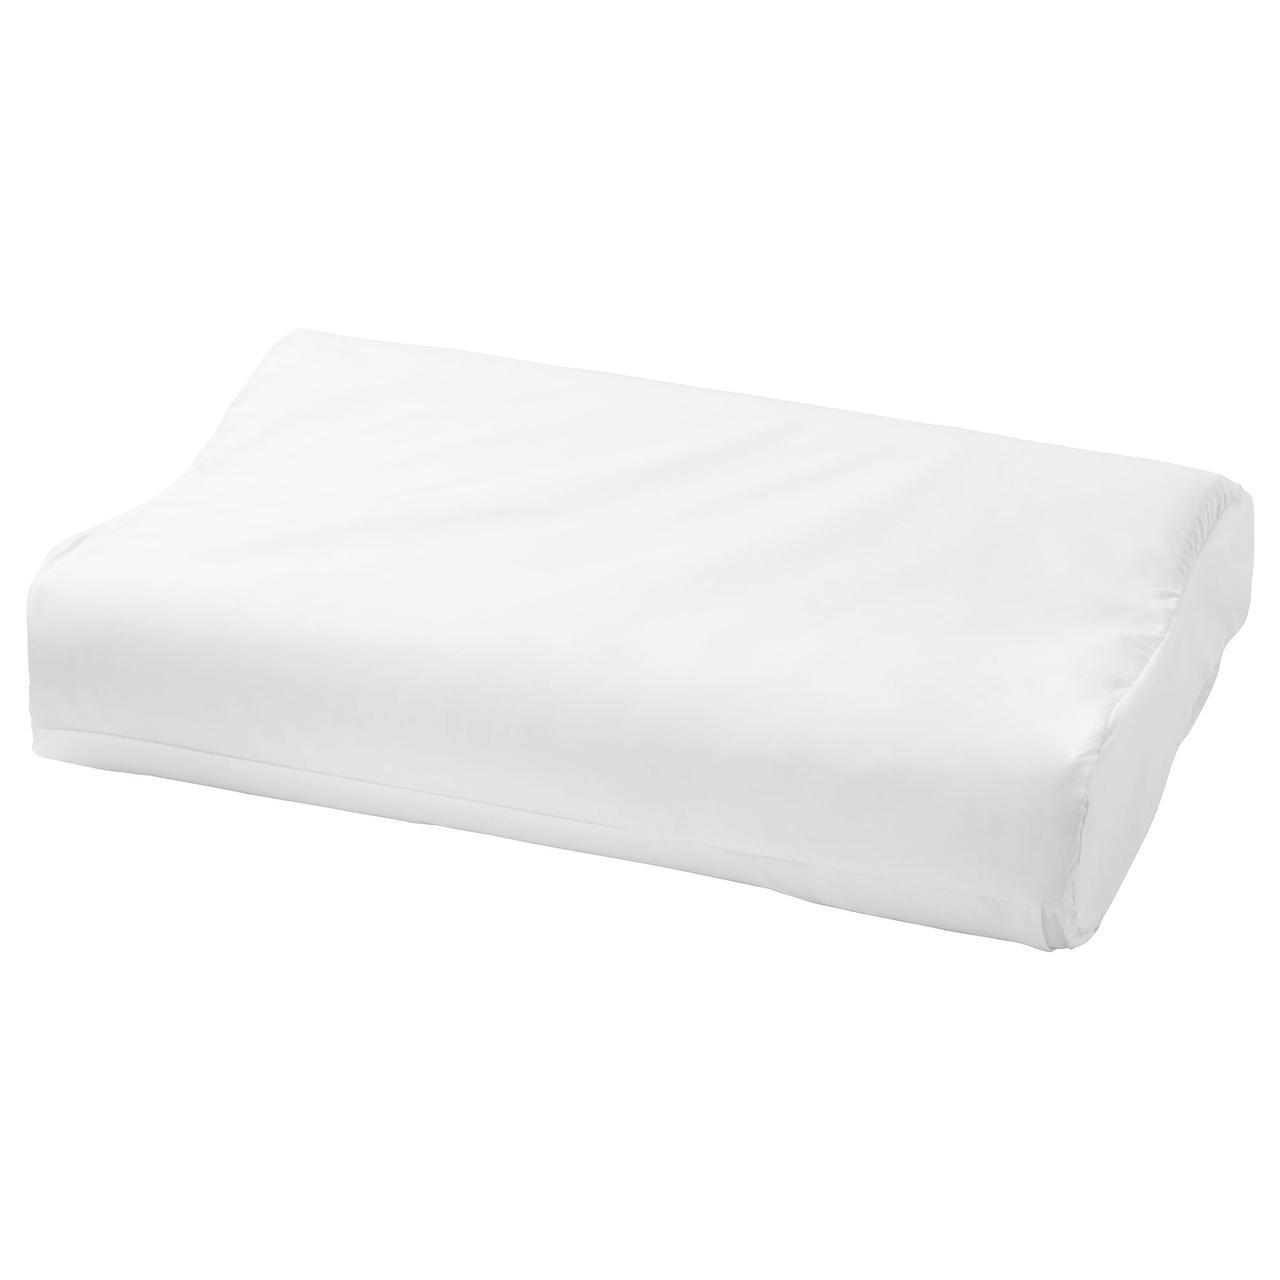 IKEA ROLLEKA Наволочка для подушки с пеной памяти, белый  (203.374.83)